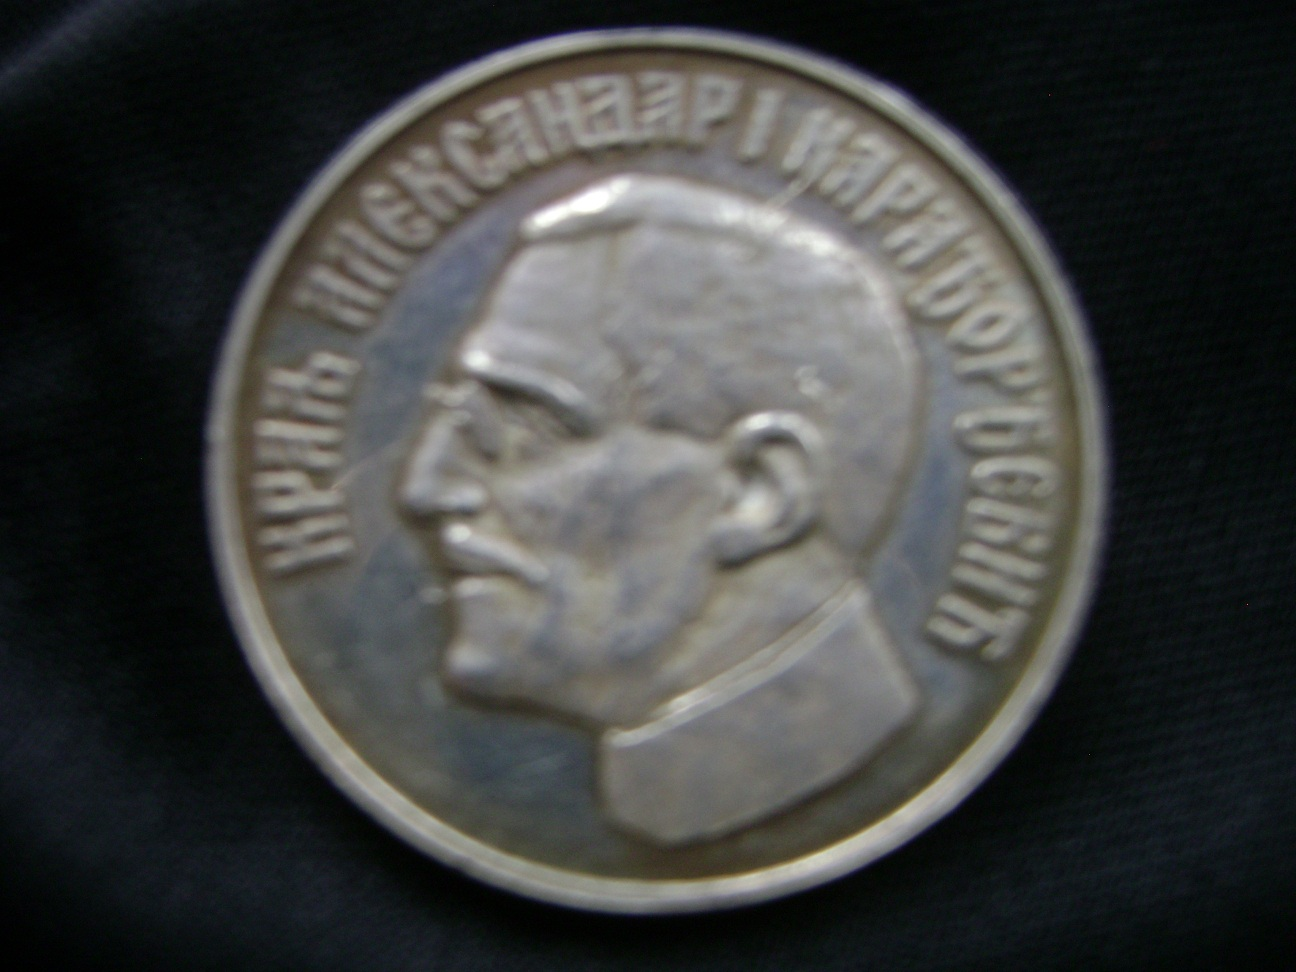 Srebrnjak_Kralj_Aleksandar_I_Karađorđevic_1.JPG